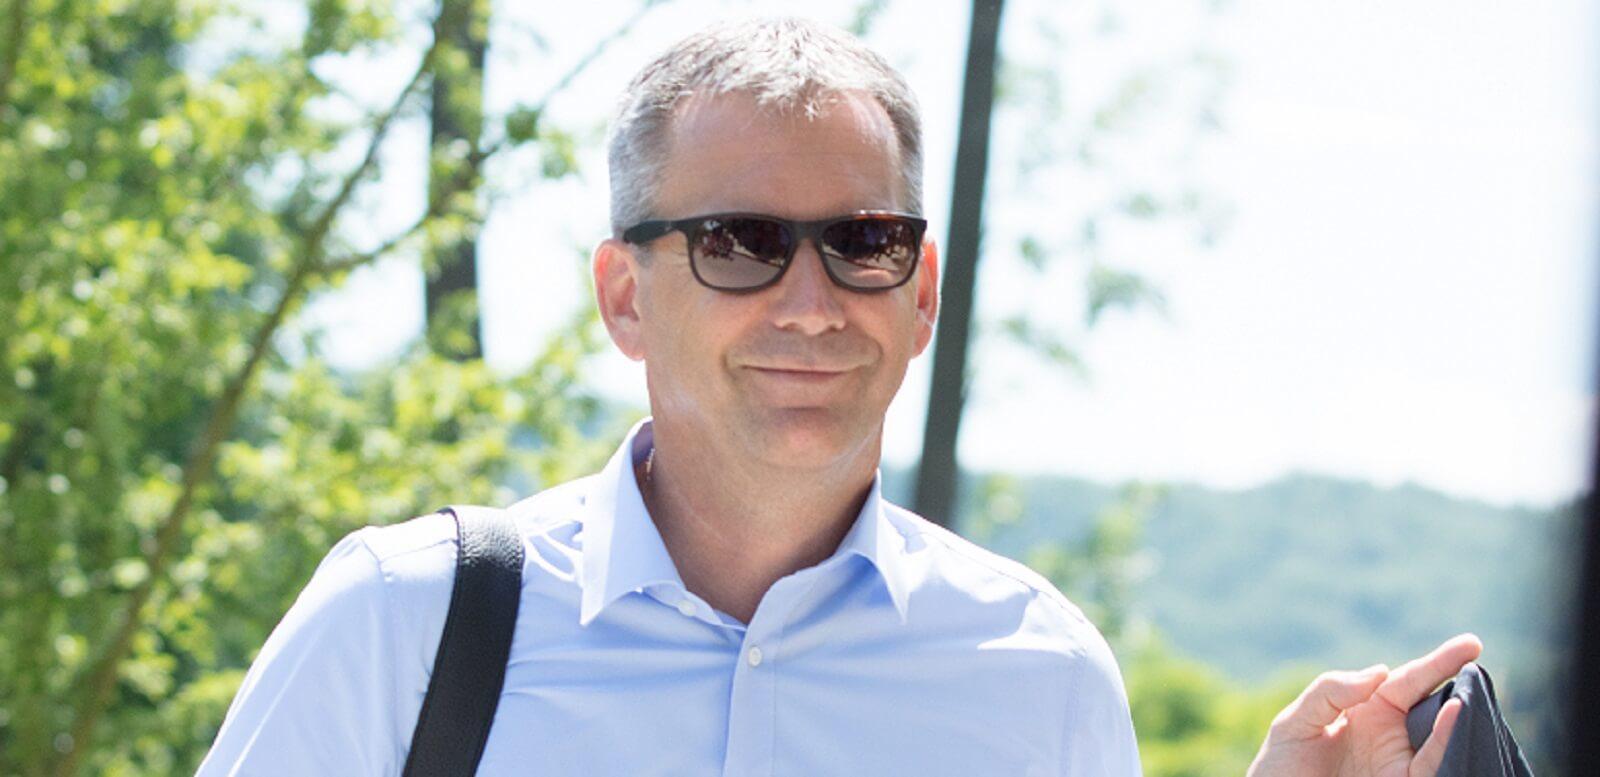 Österreich verliert jedes Jahr 1 Mrd. Euro durch Steuertricks – der Finanzminister hilft dabei – Kontrast.at